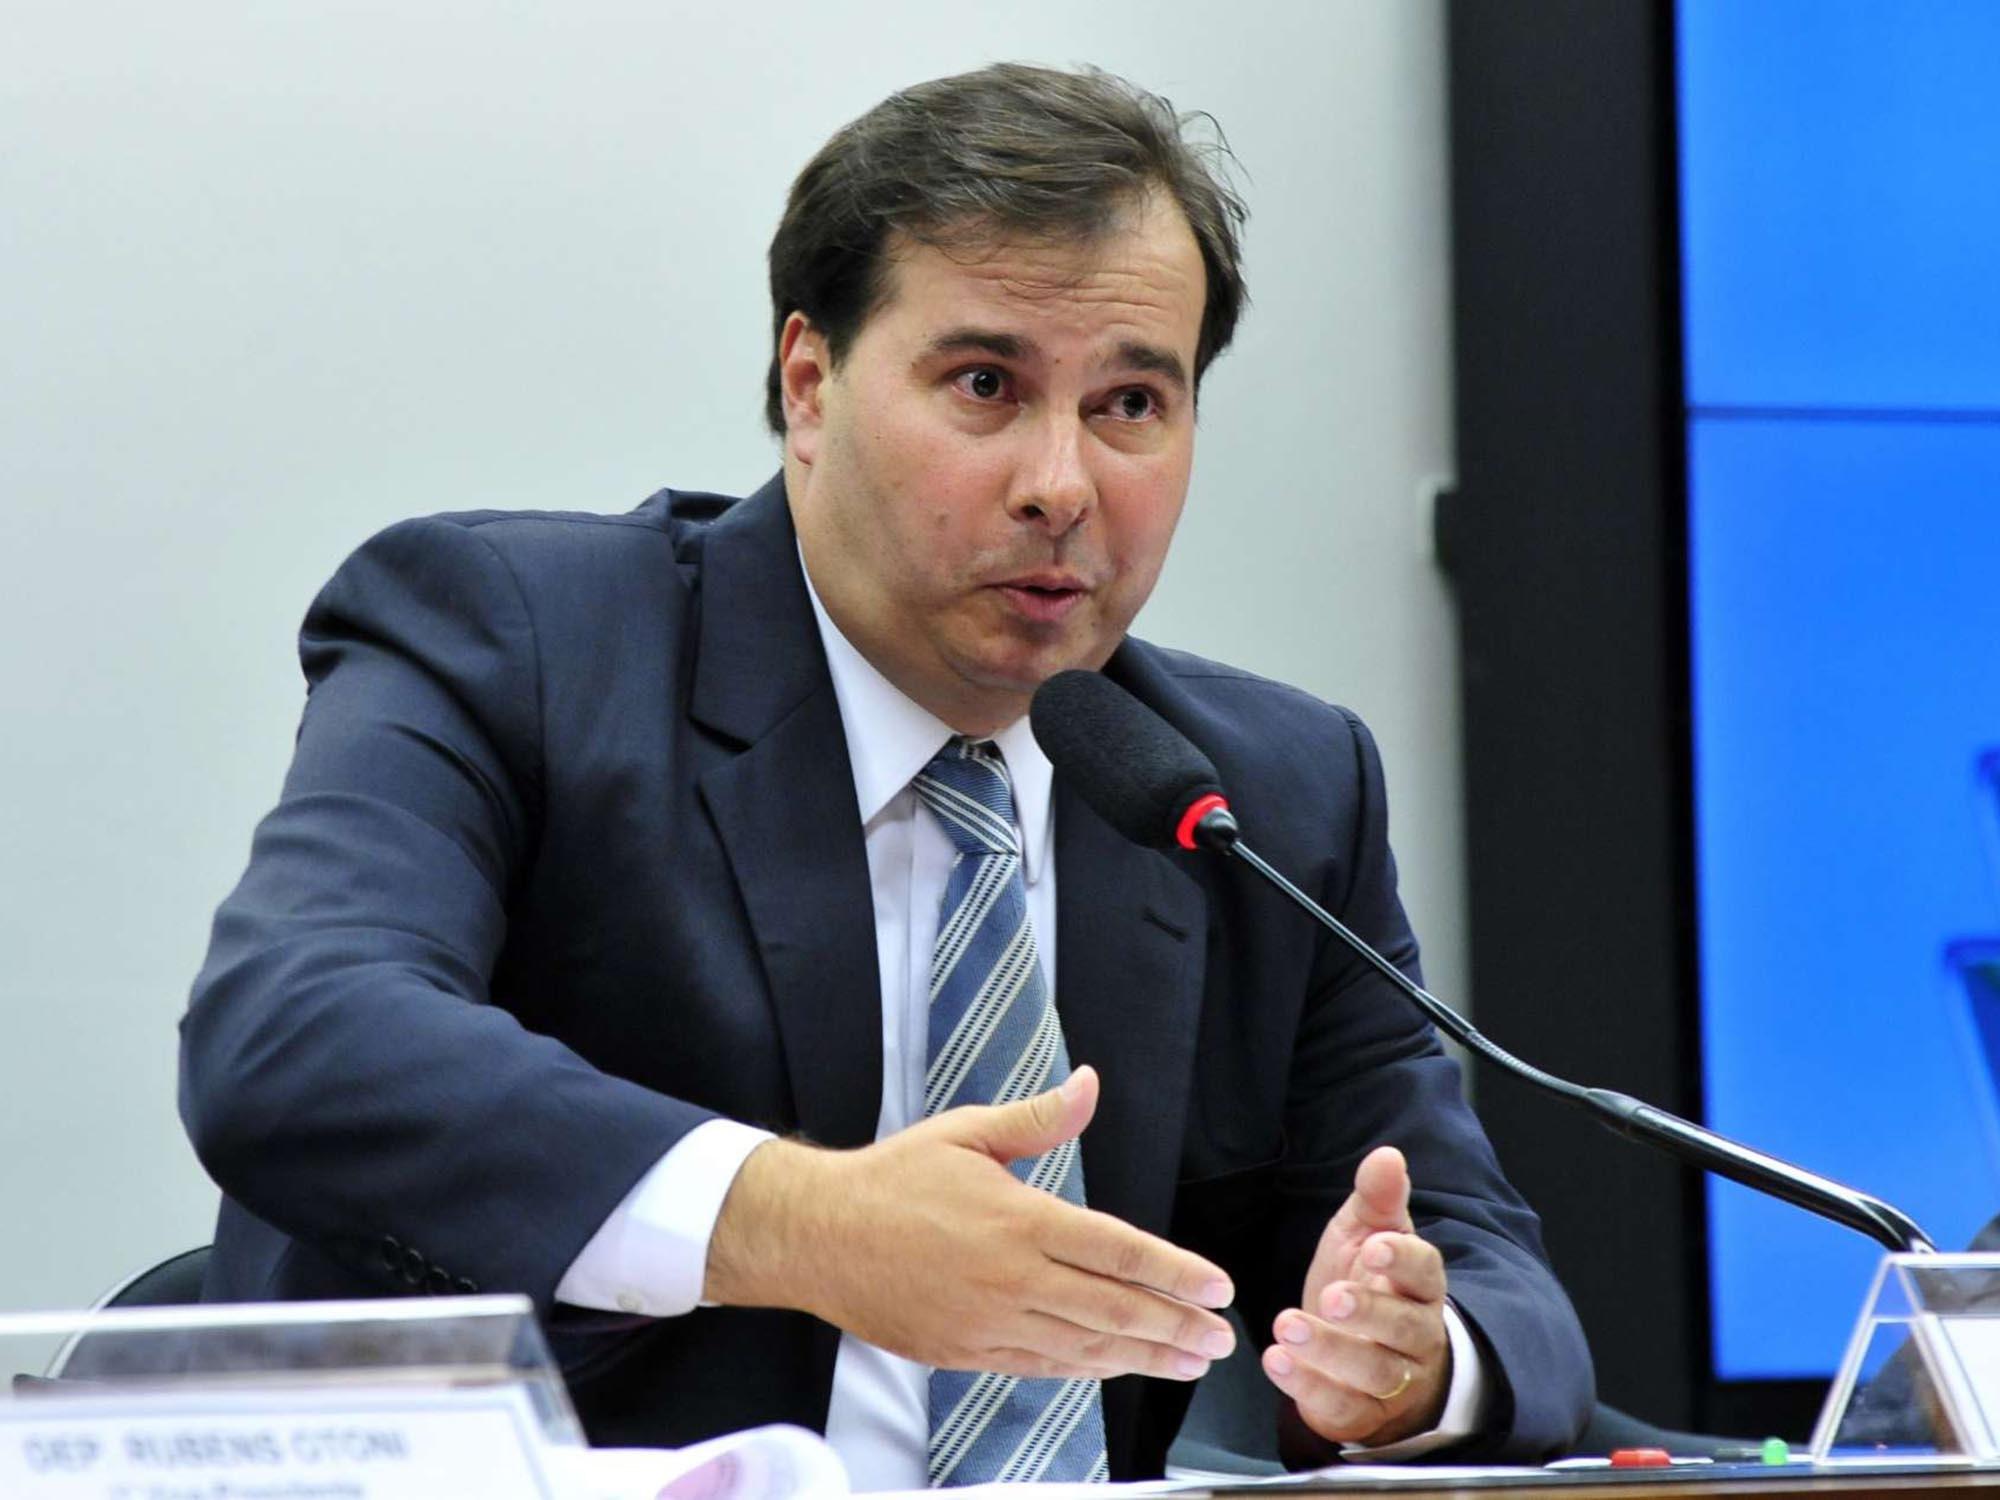 Intervenção na segurança pública do Rio será votada até terça, diz Maia